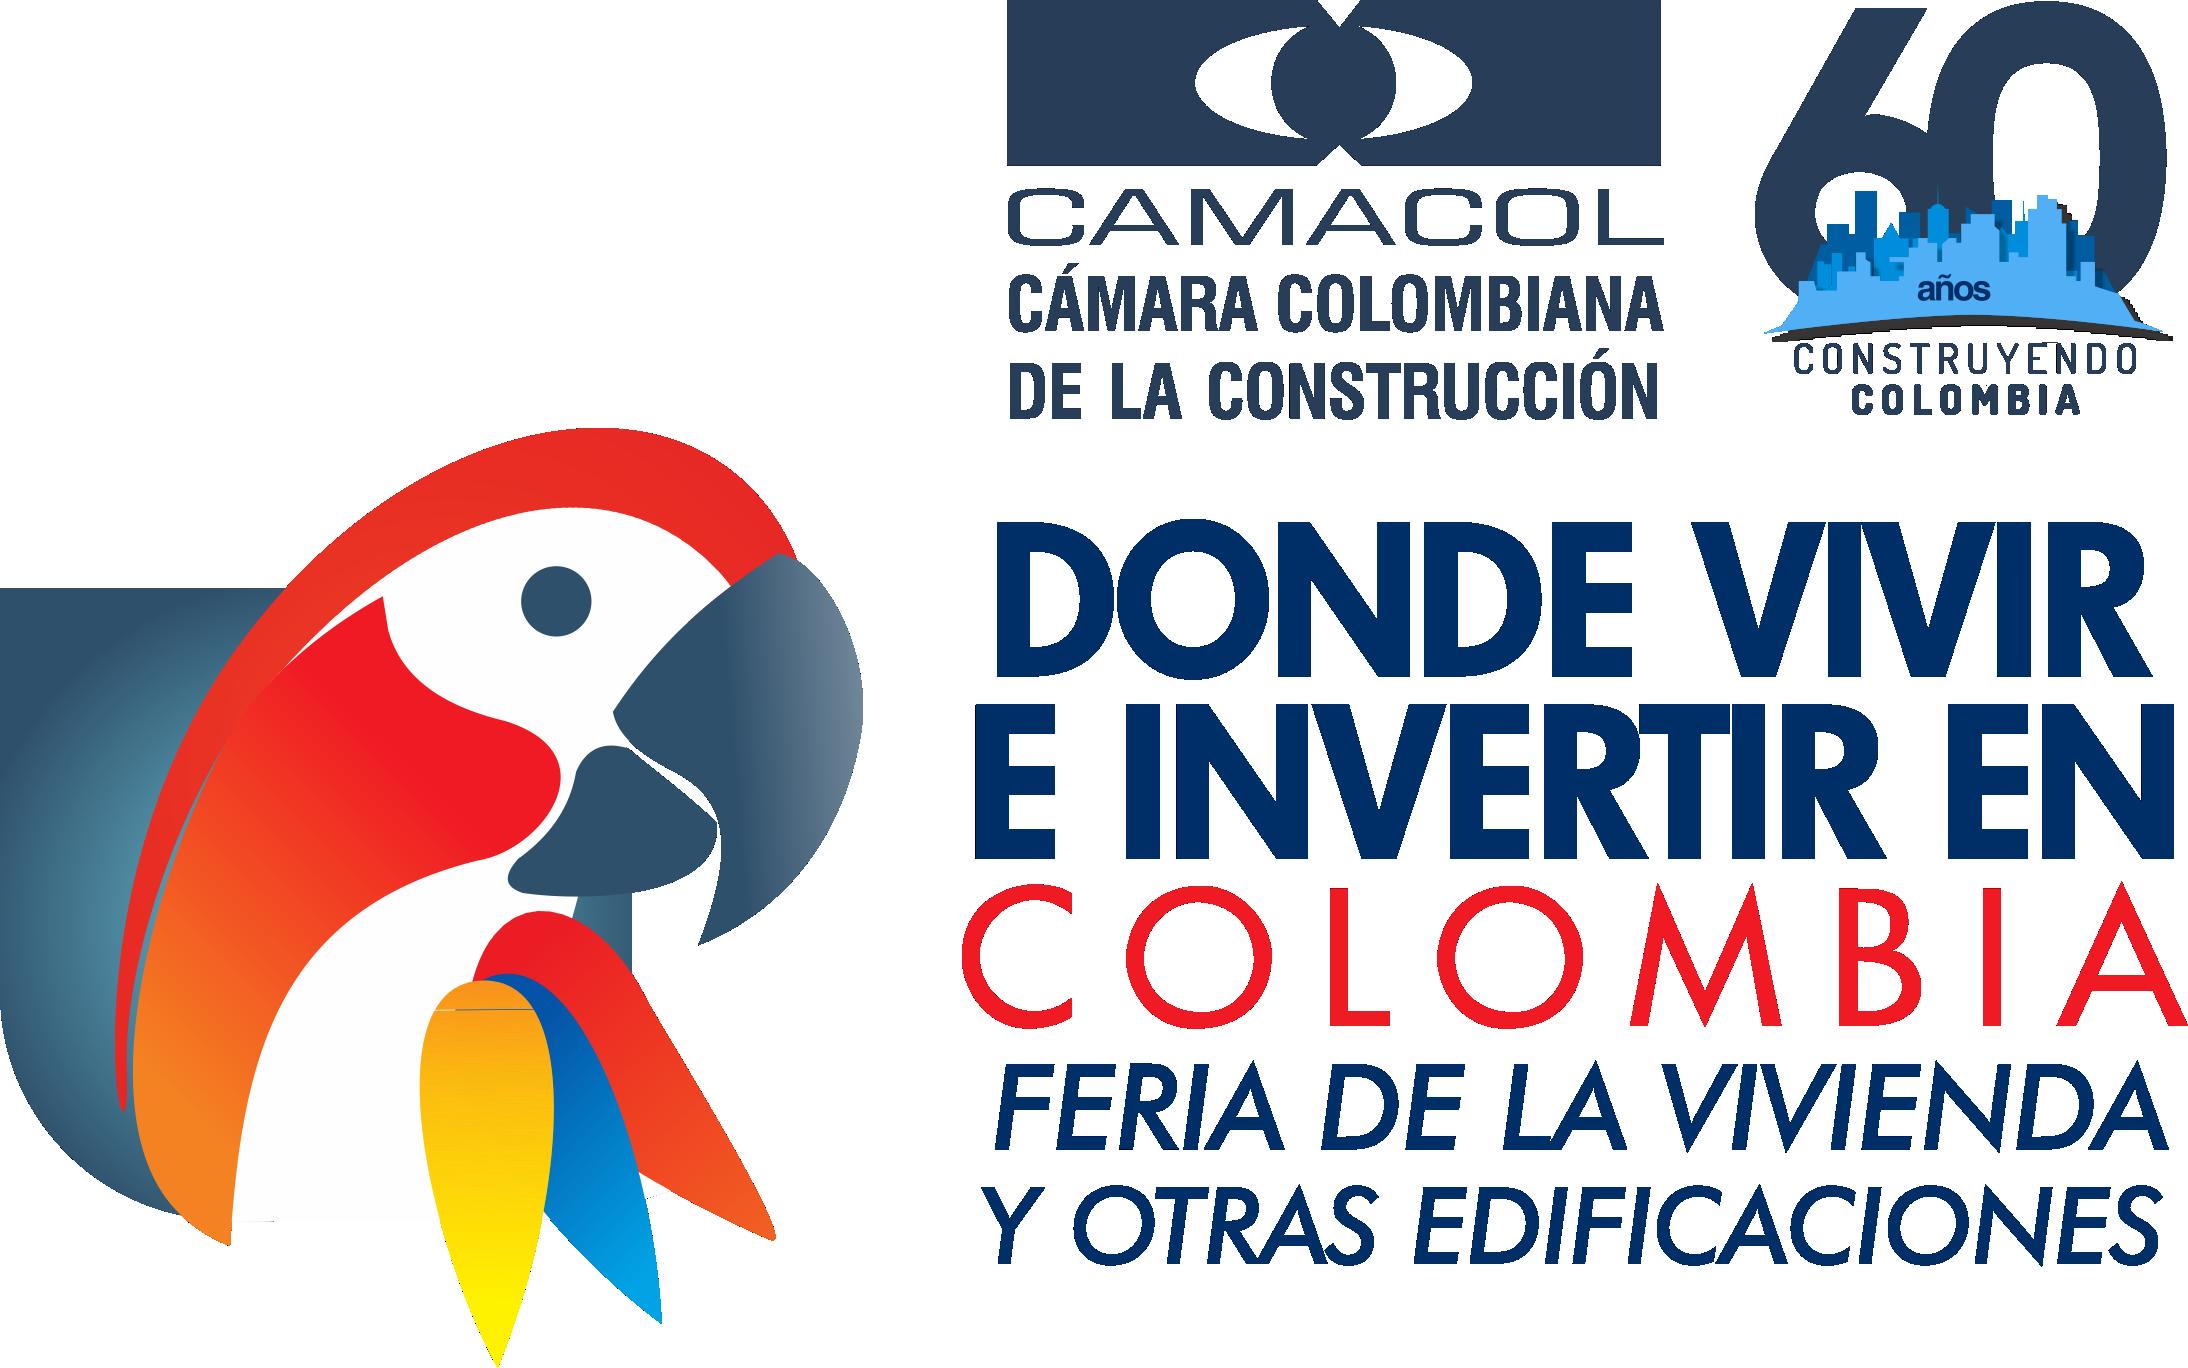 Logodondevivireinvertirencolombia1493053311149305331114980554921498055492